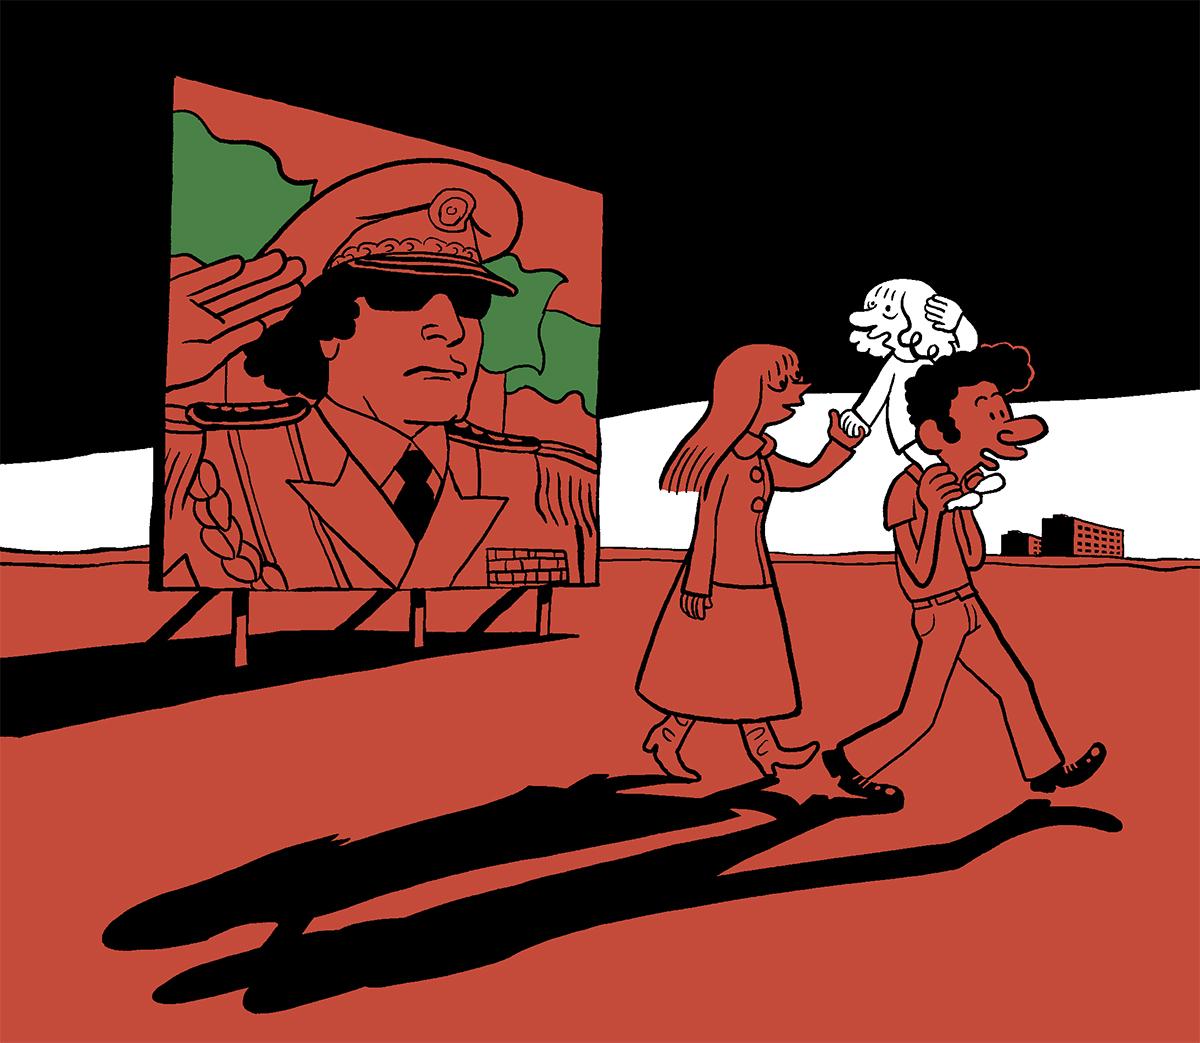 [QUADRINHOS] O Árabe do Futuro – Uma Juventude no Oriente Médio 1978-1984 (resenha)